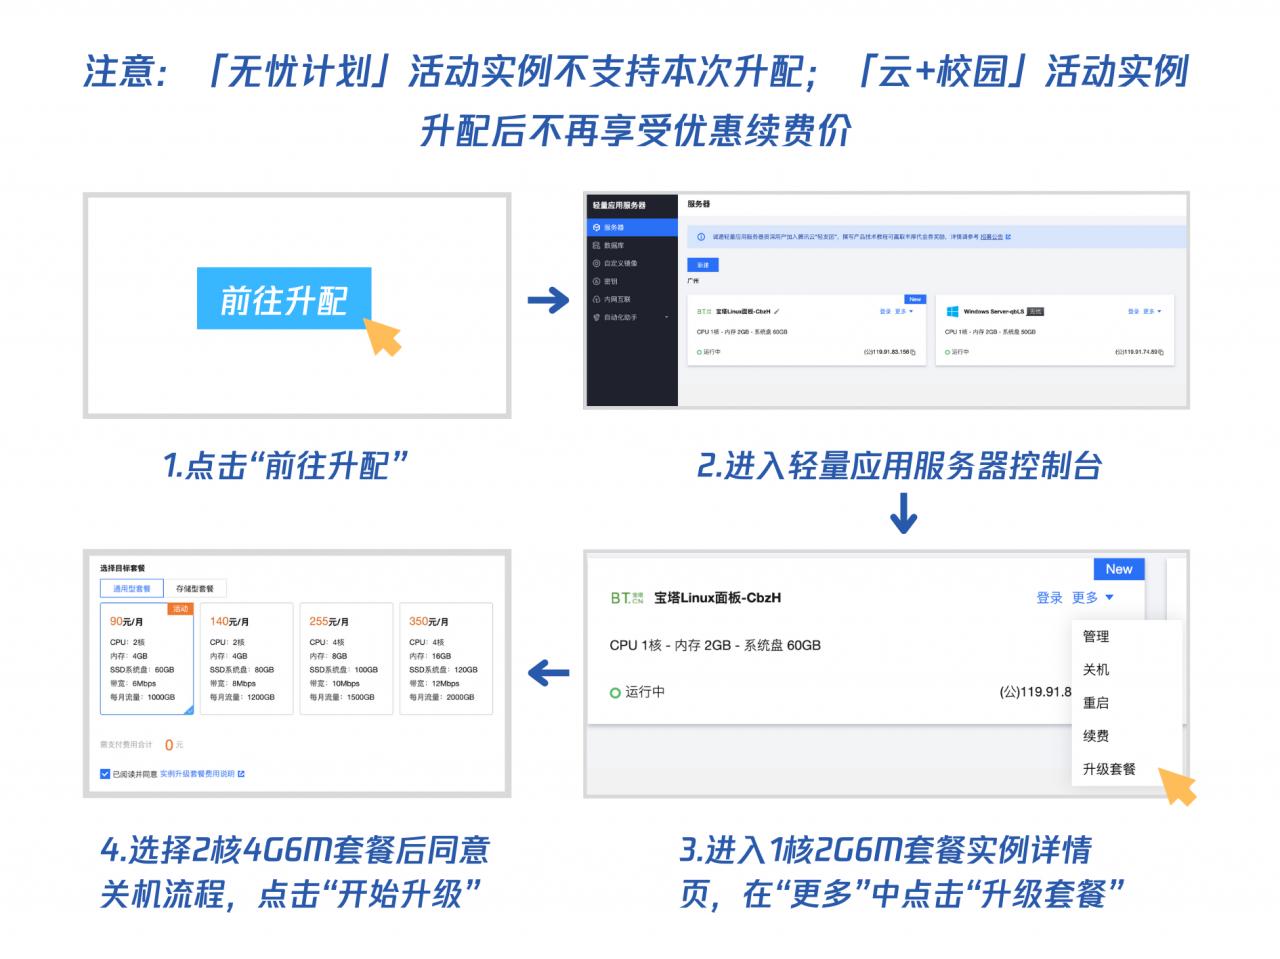 腾讯云:免费升级配置活动,1核2G6M免费升配2核4G6M,需要邀请5人助力